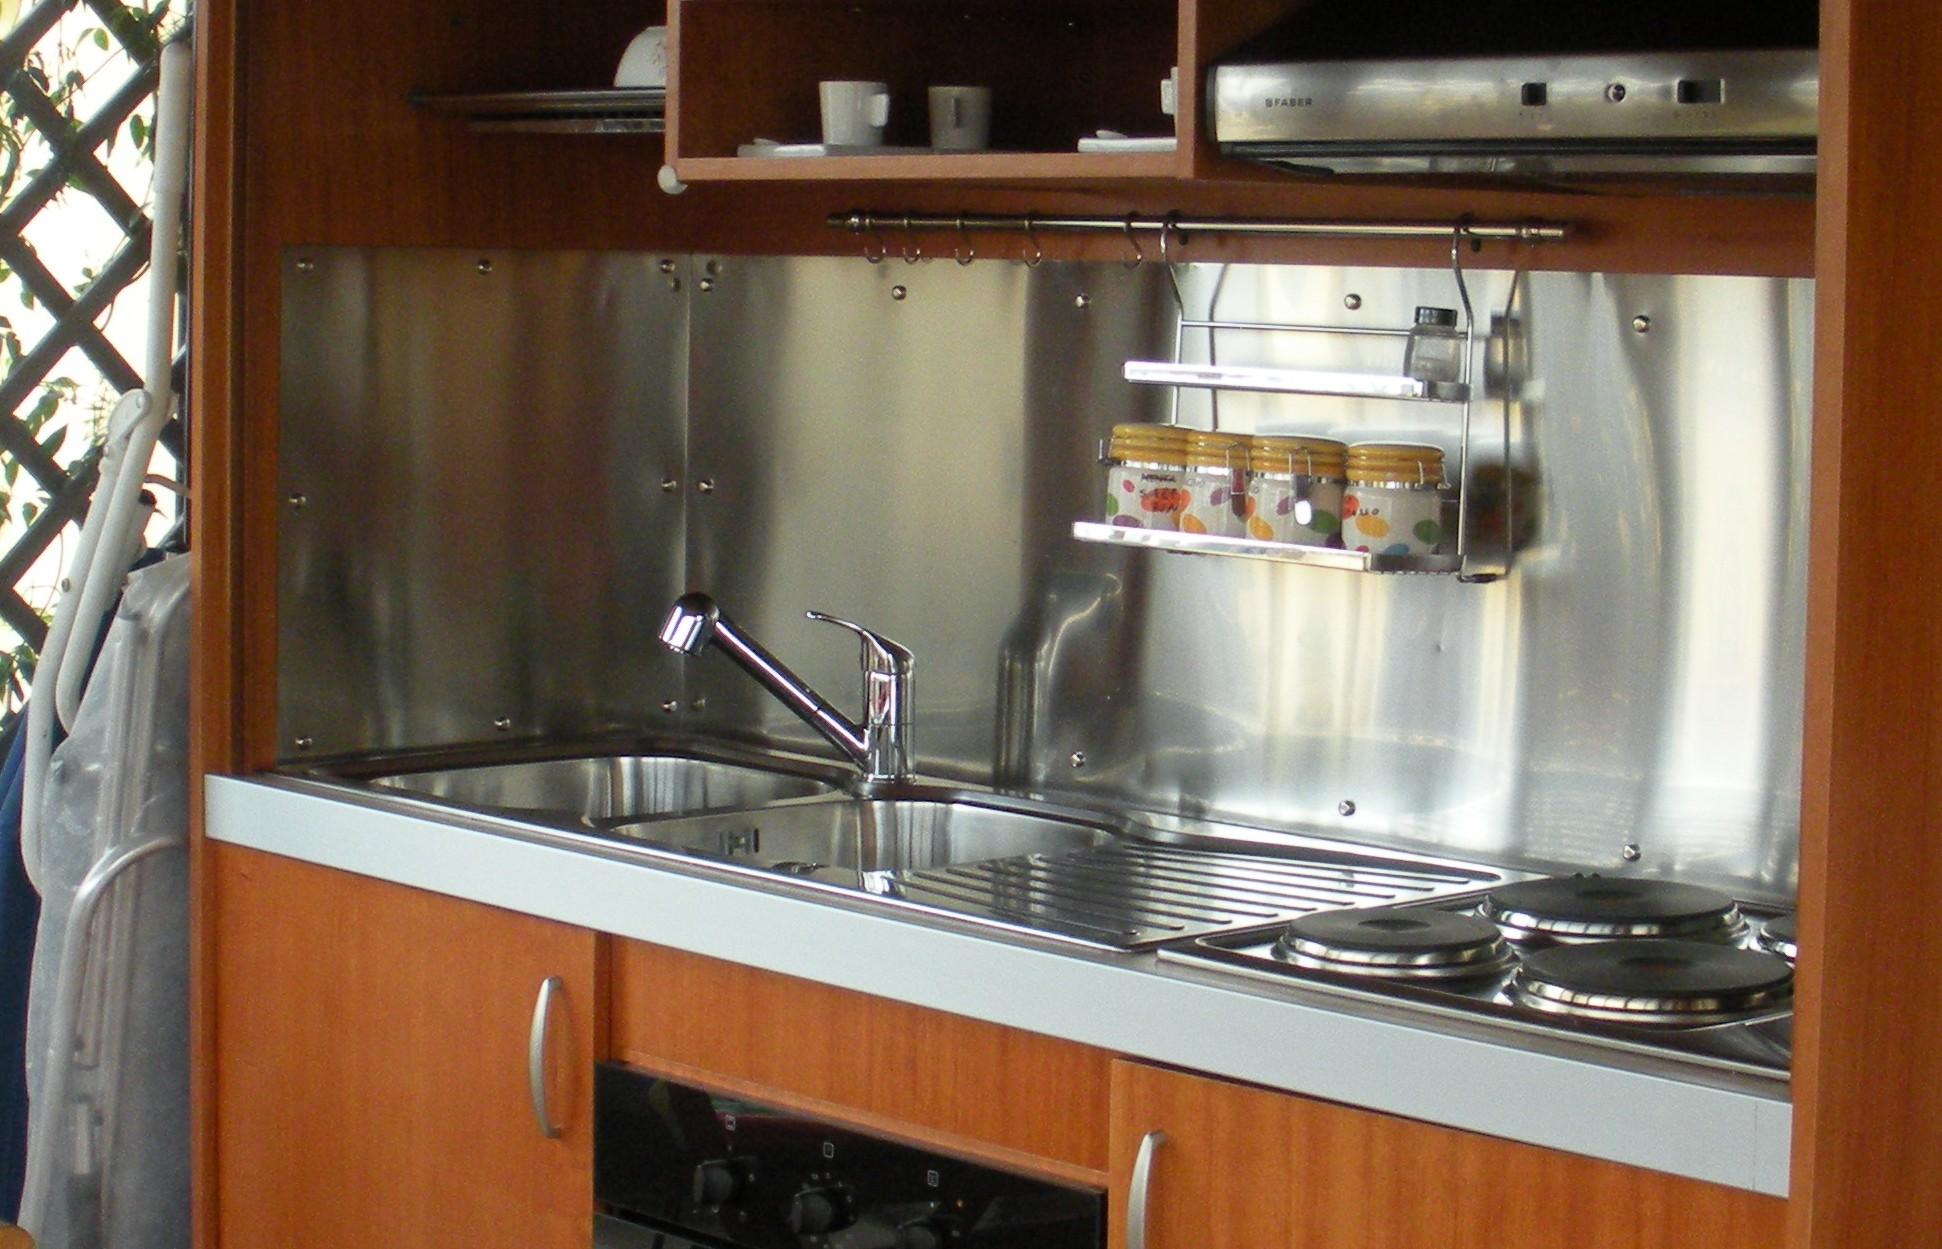 Mobili Singoli Per Cucina.Mobile Cucina Richiudibile Vivi Lo Spazio Night Day Letti